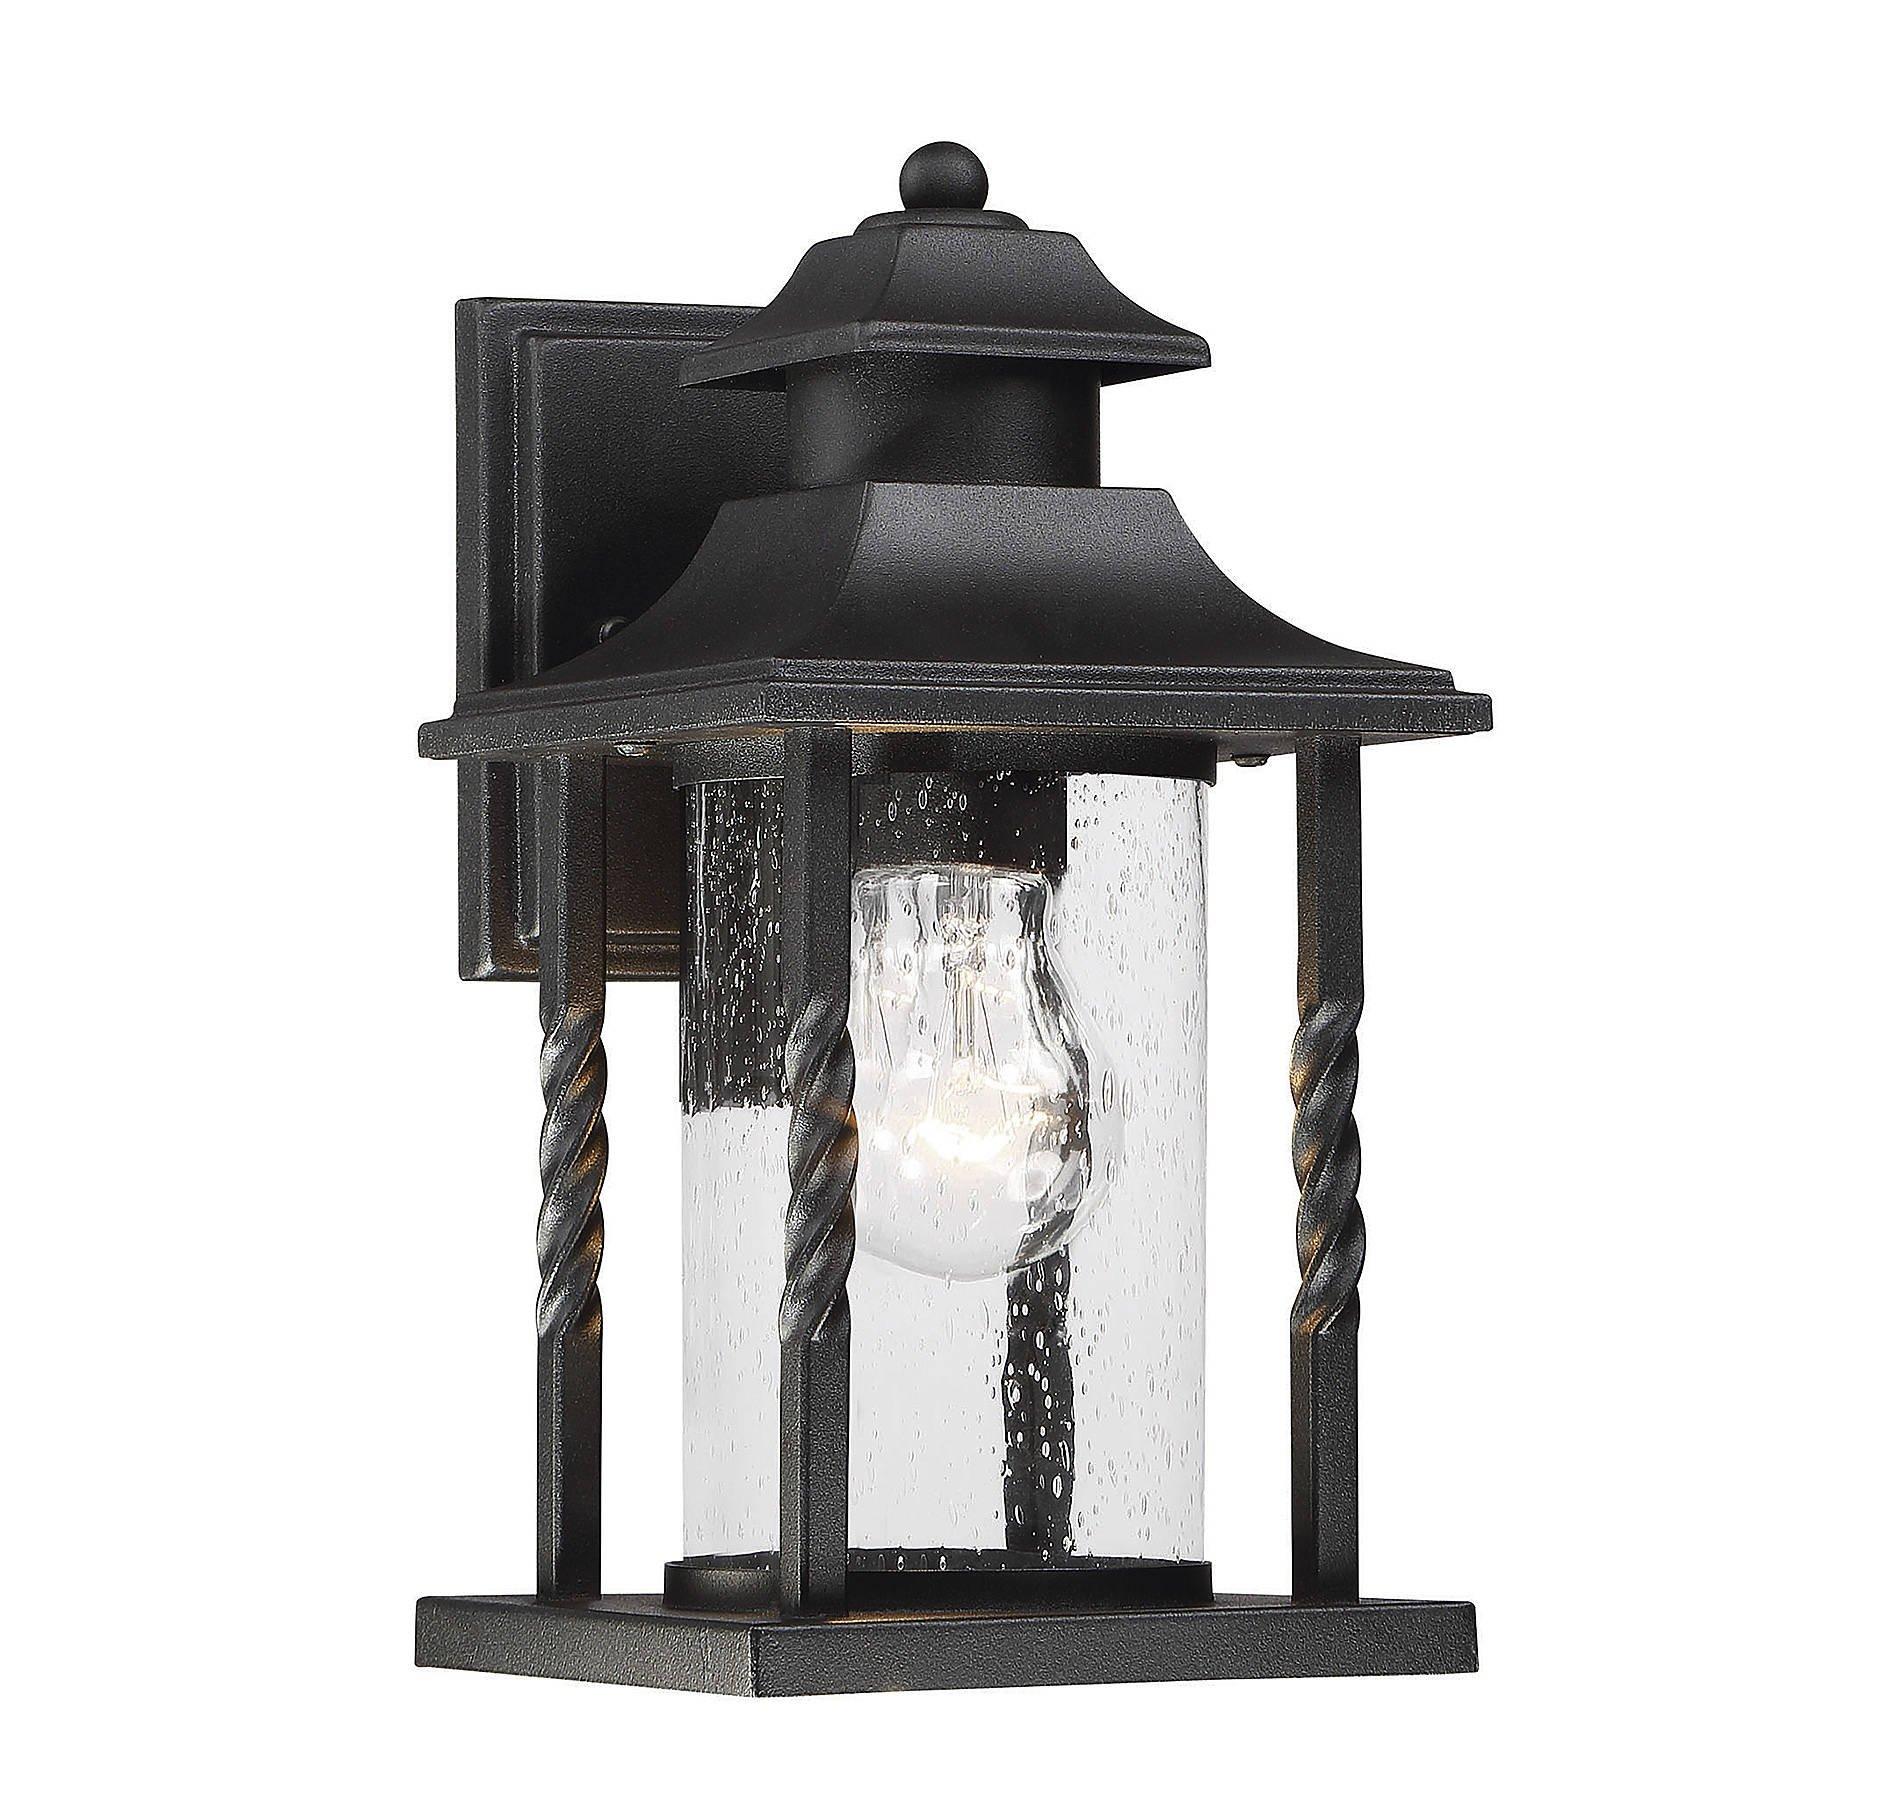 Savoy House 5-1230-BK Dorado 11.5'' Outdoor Wall Lantern in Textured Black